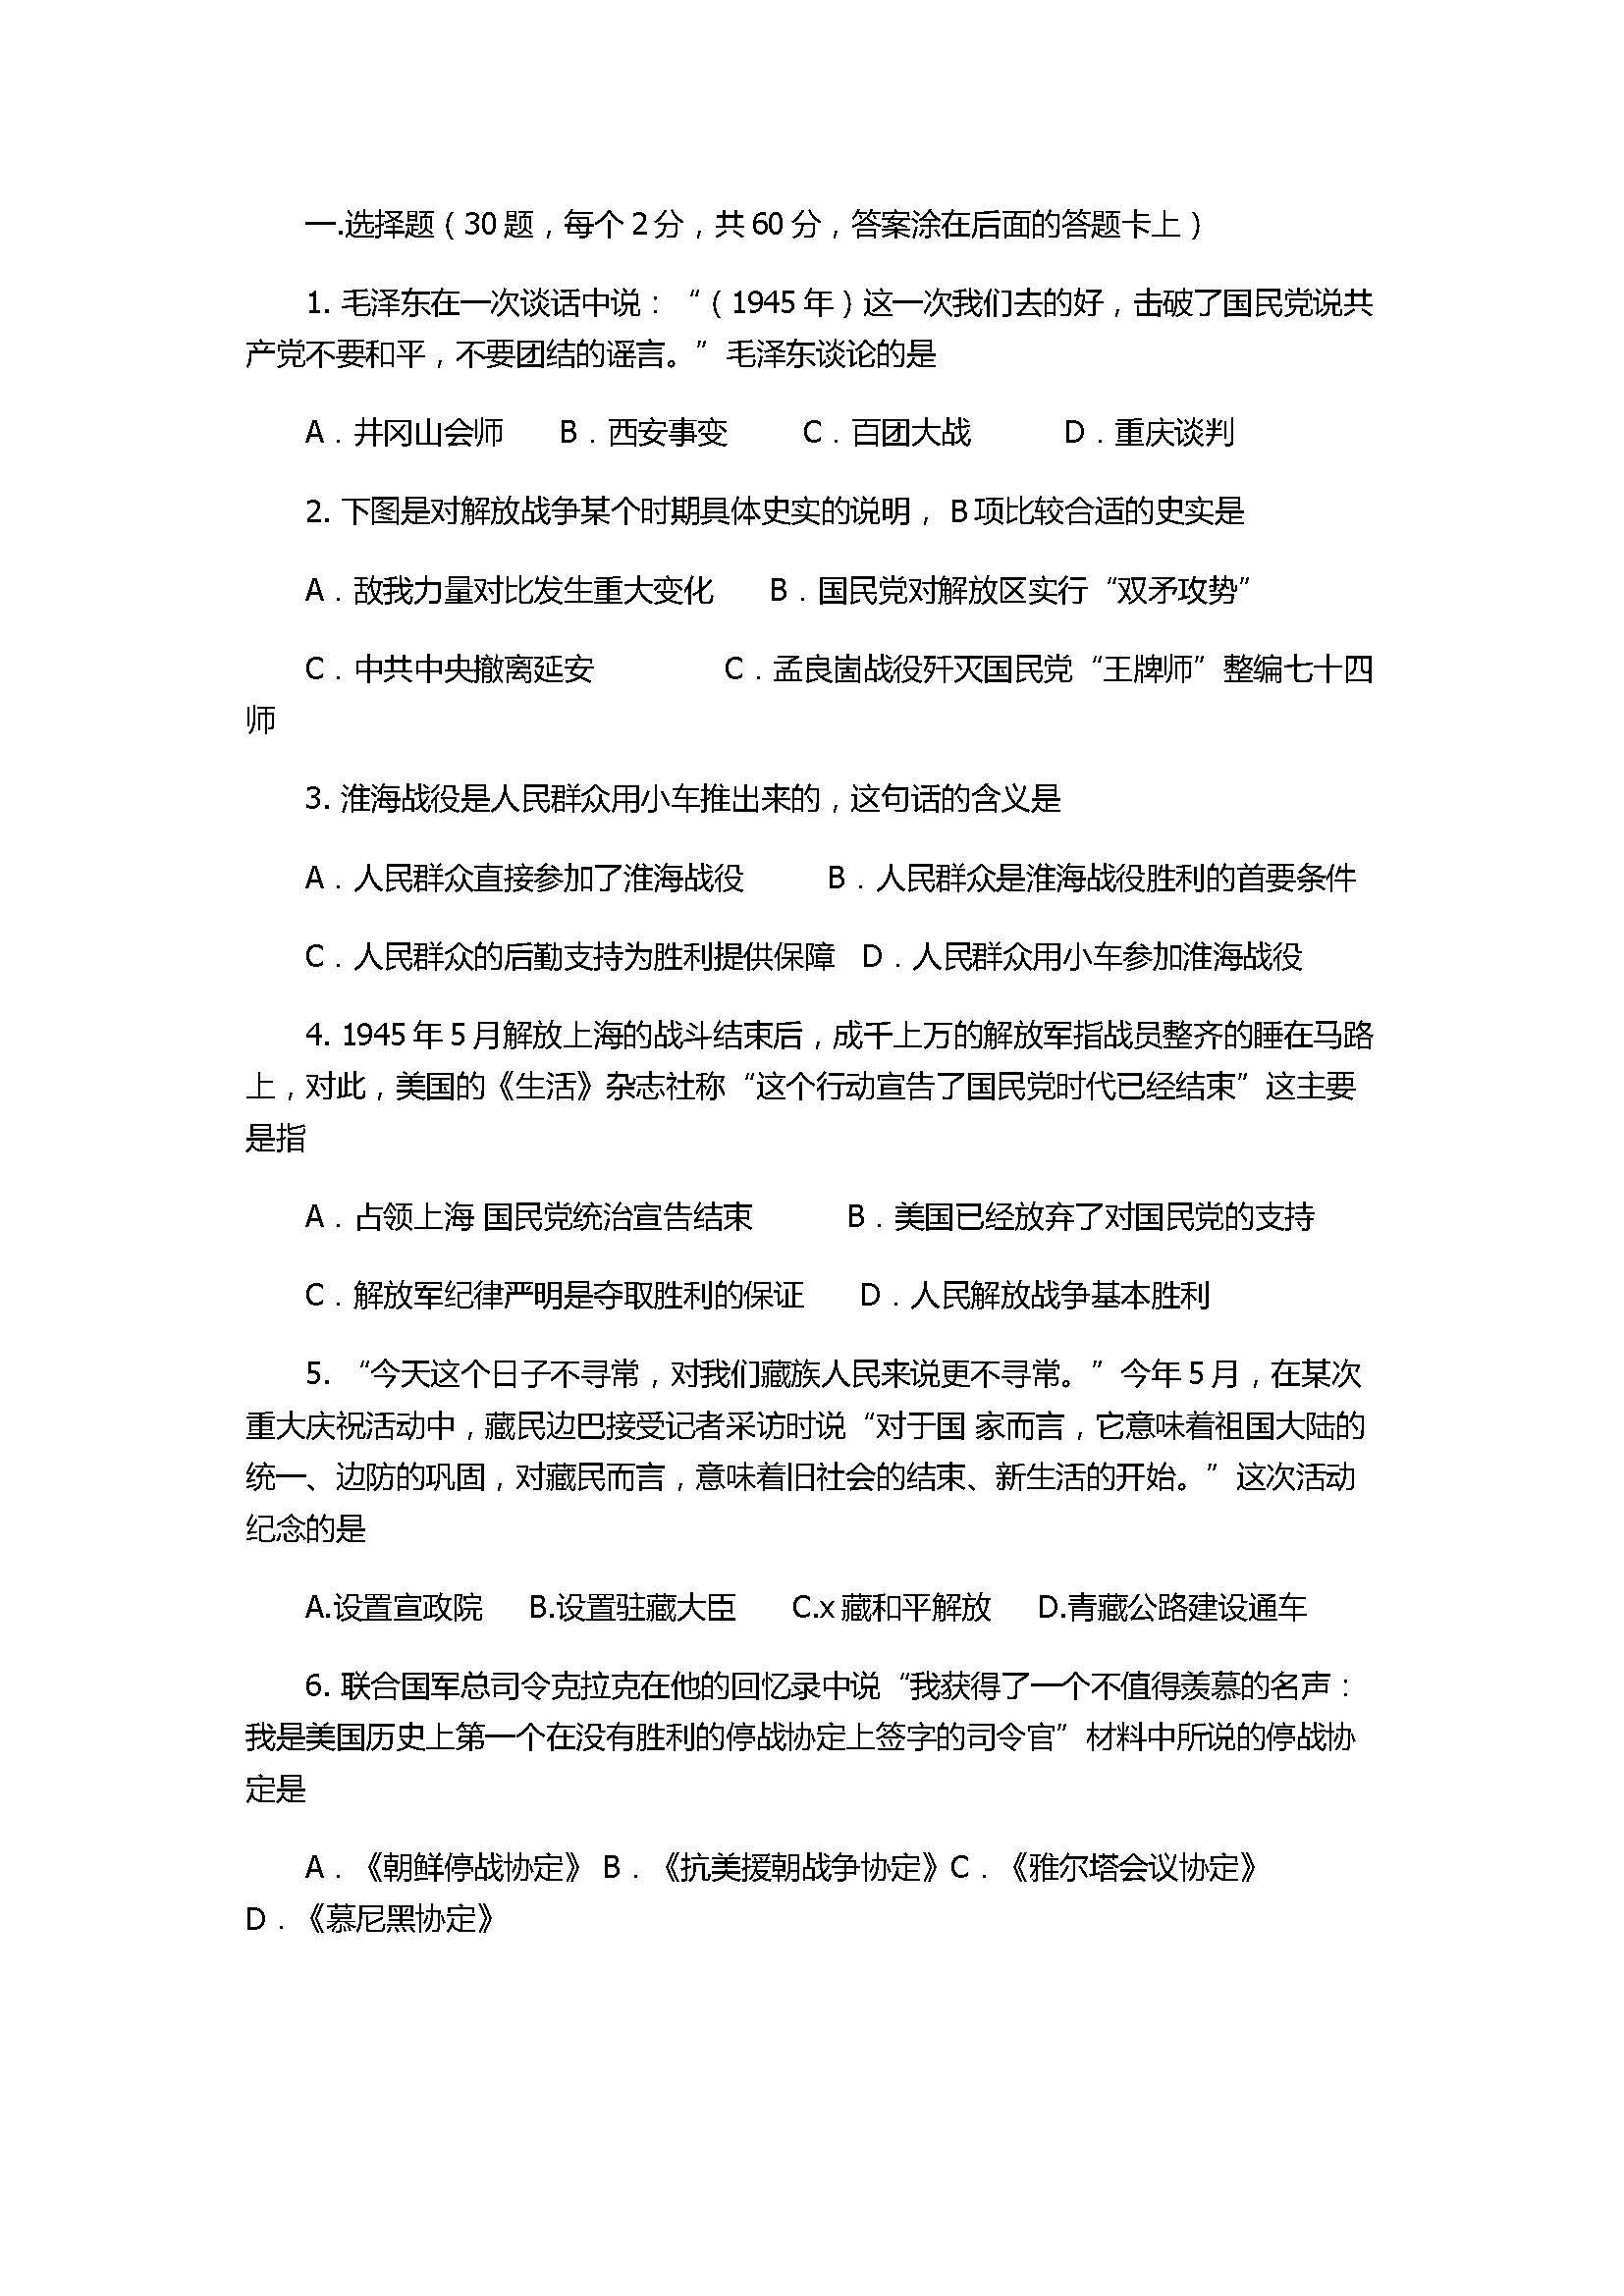 2017初二年级历史下册期末试题附答案(唐山市)